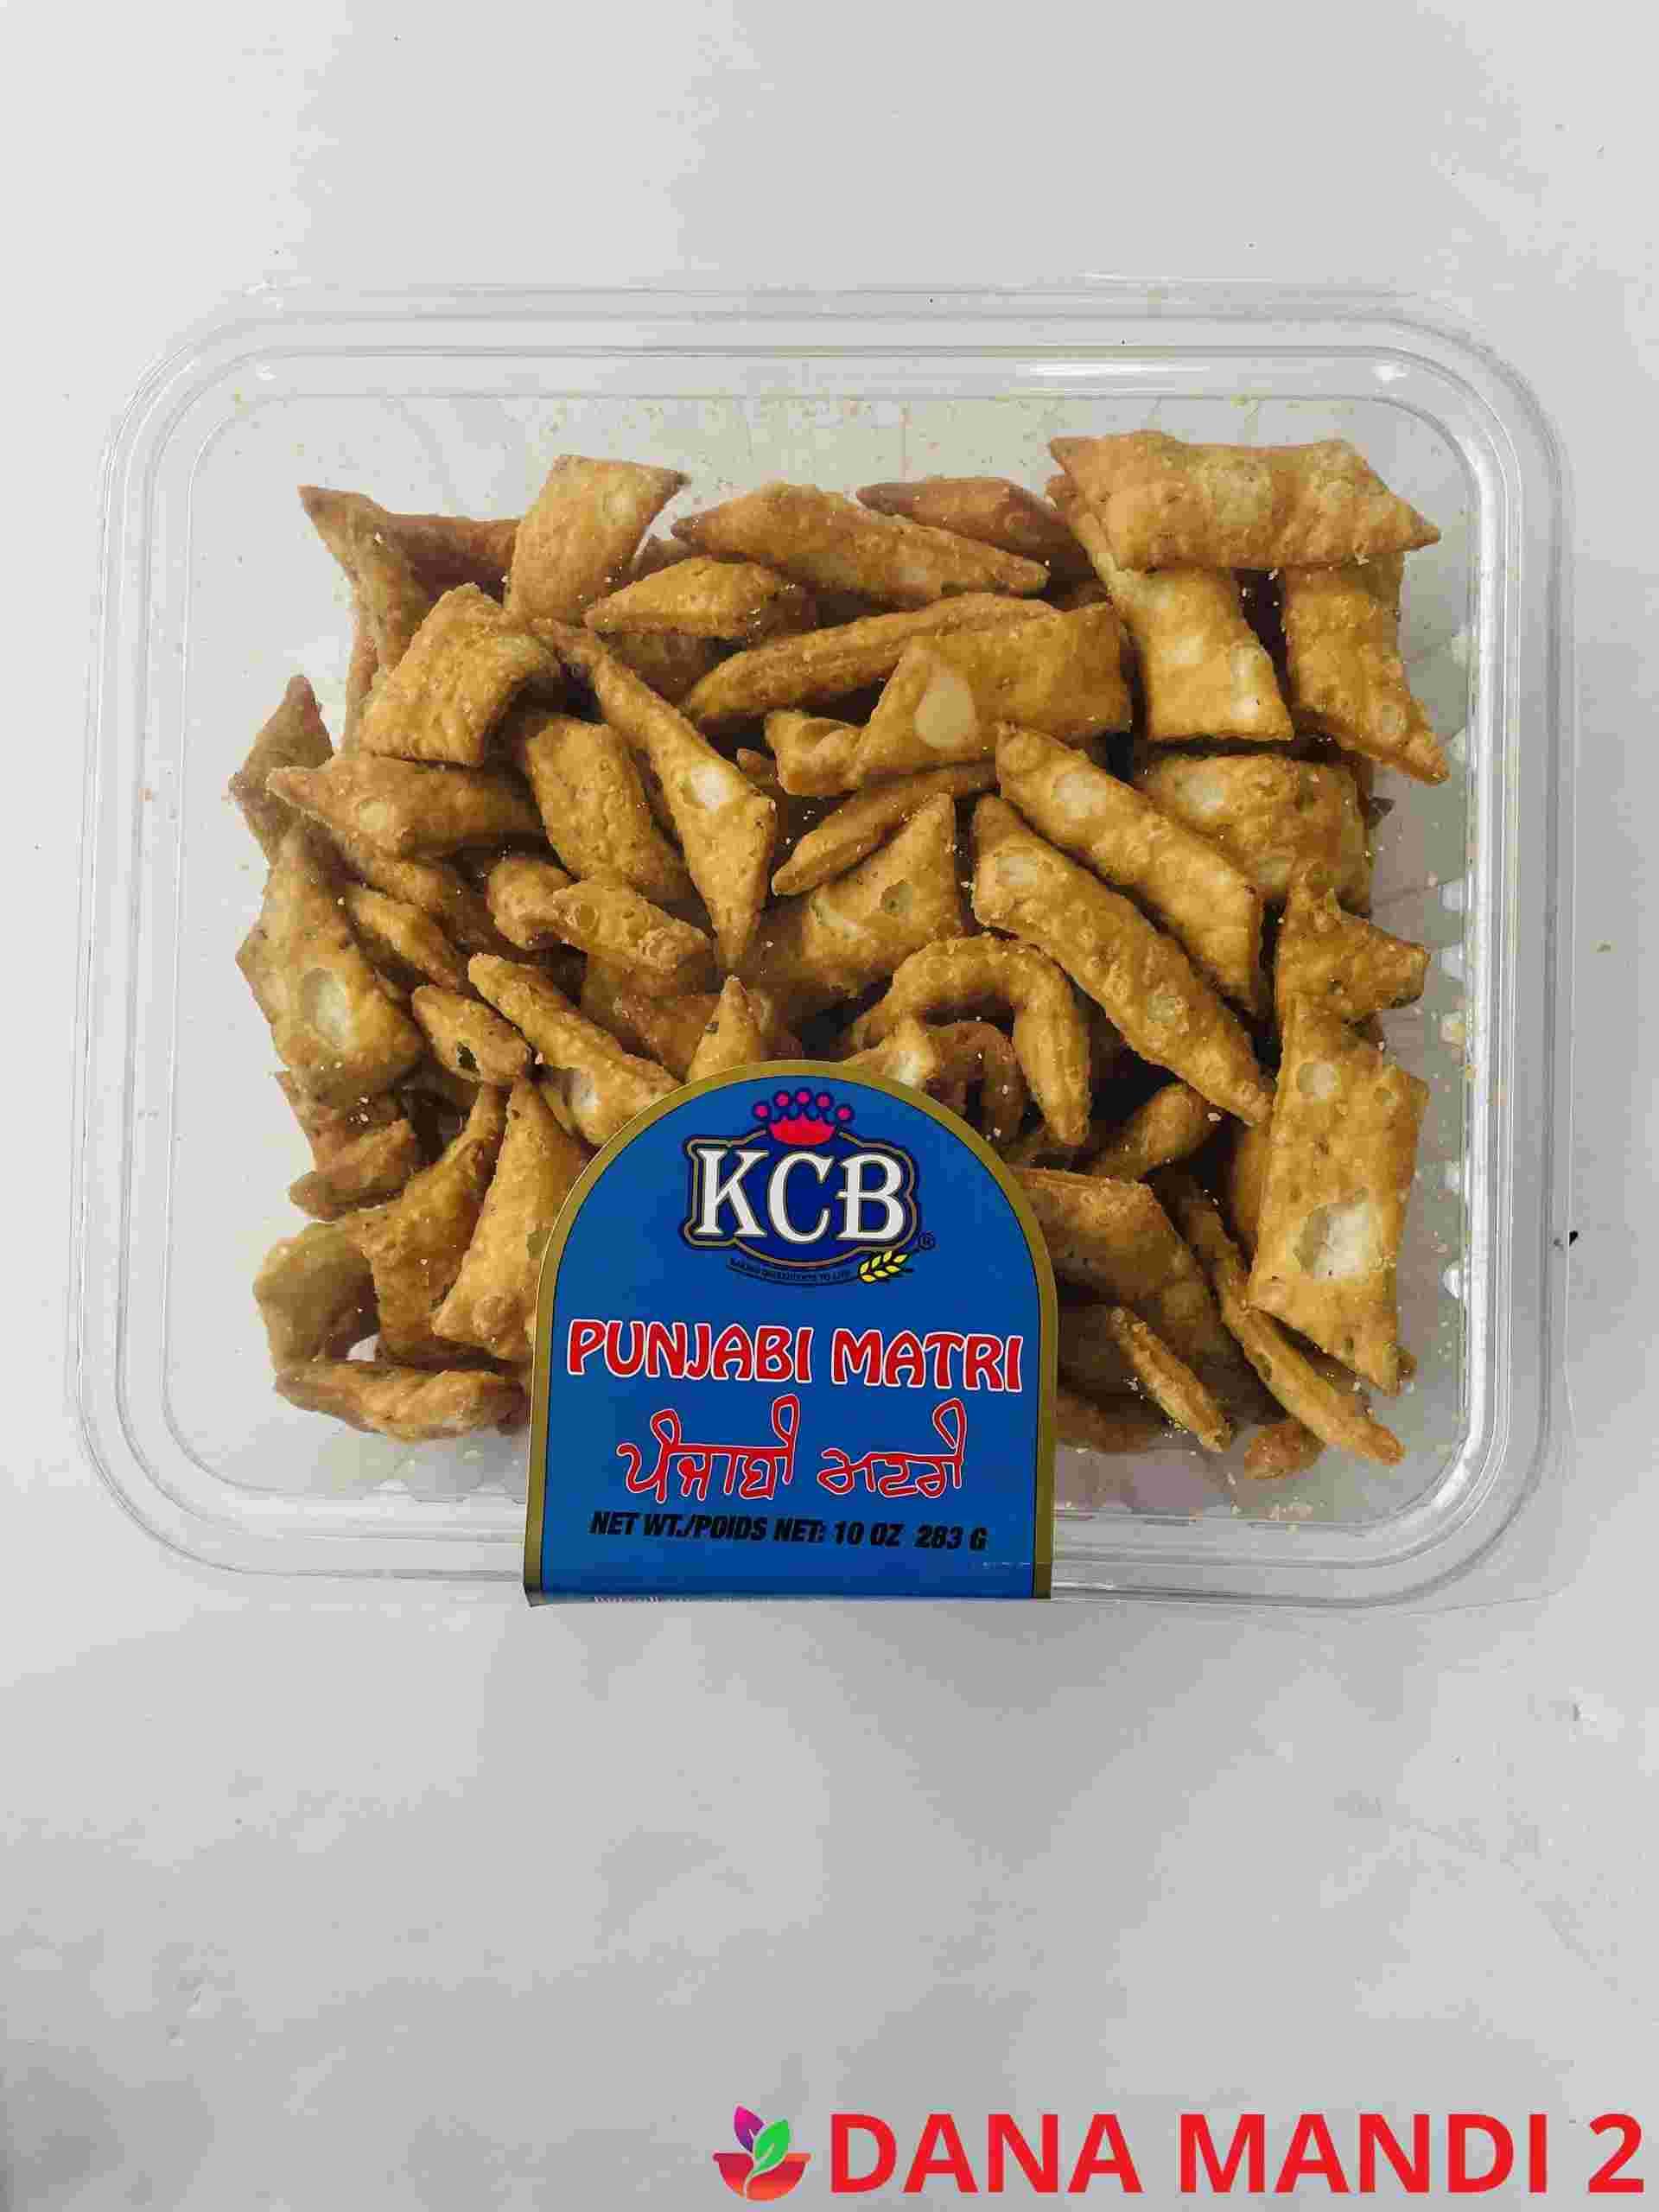 Kcb Punjabi Matri